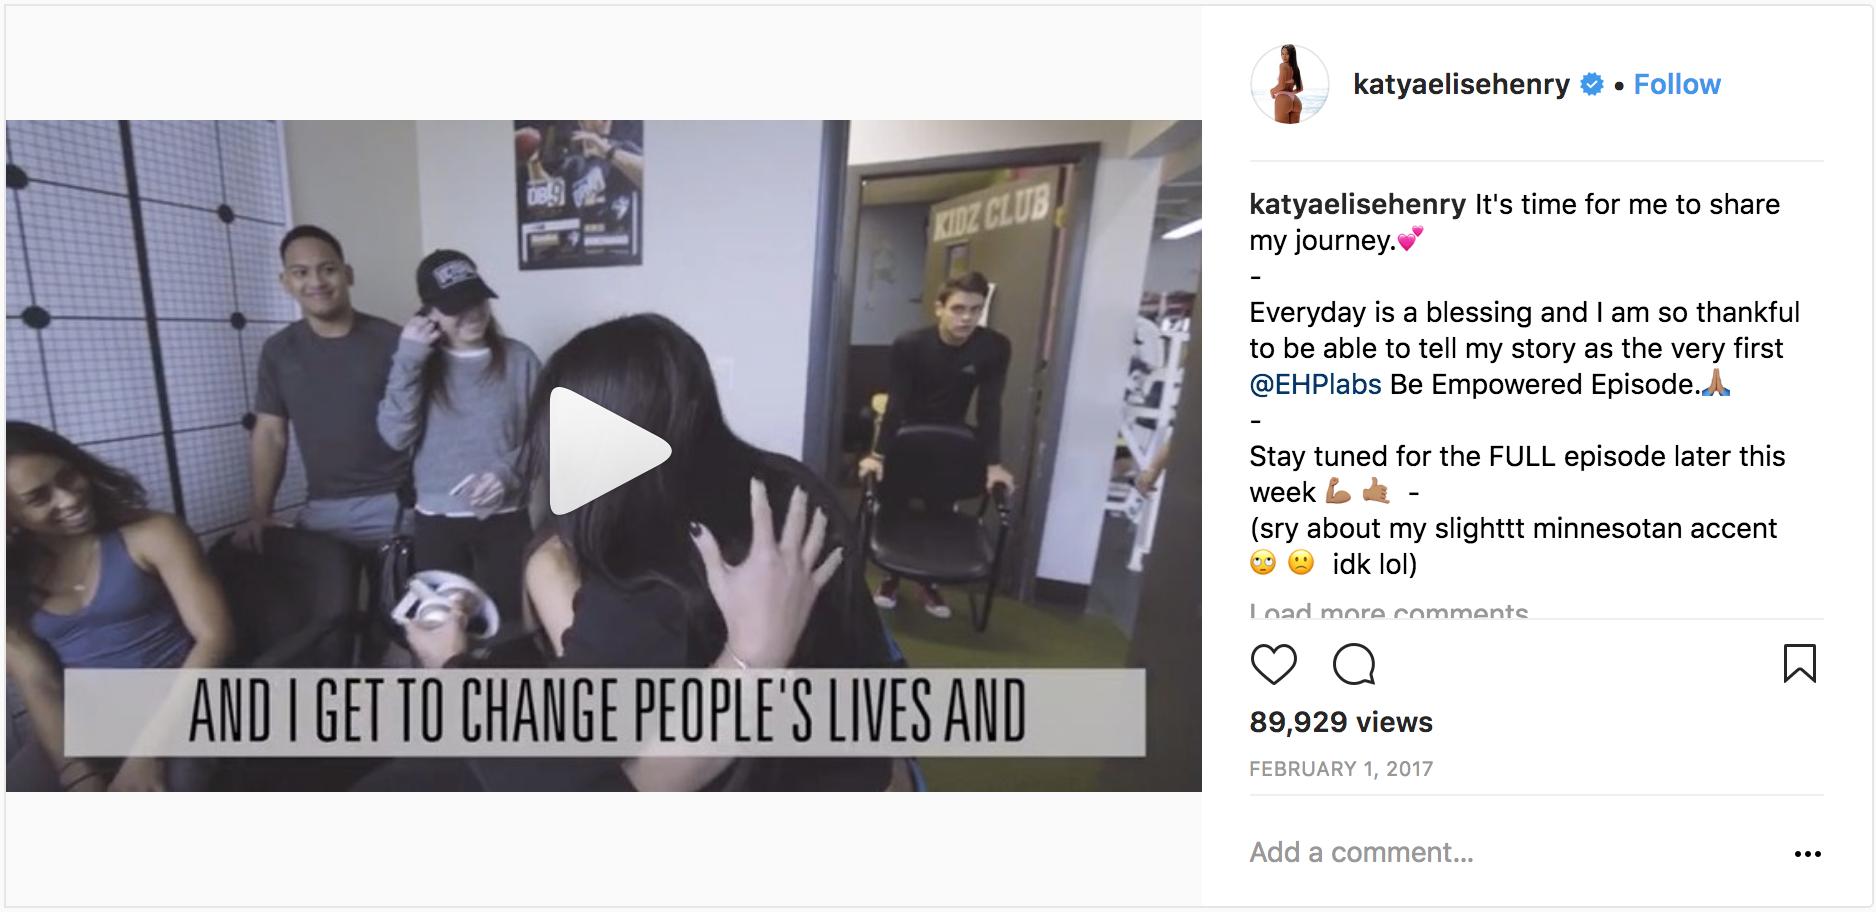 Screenshot showing an instagram post